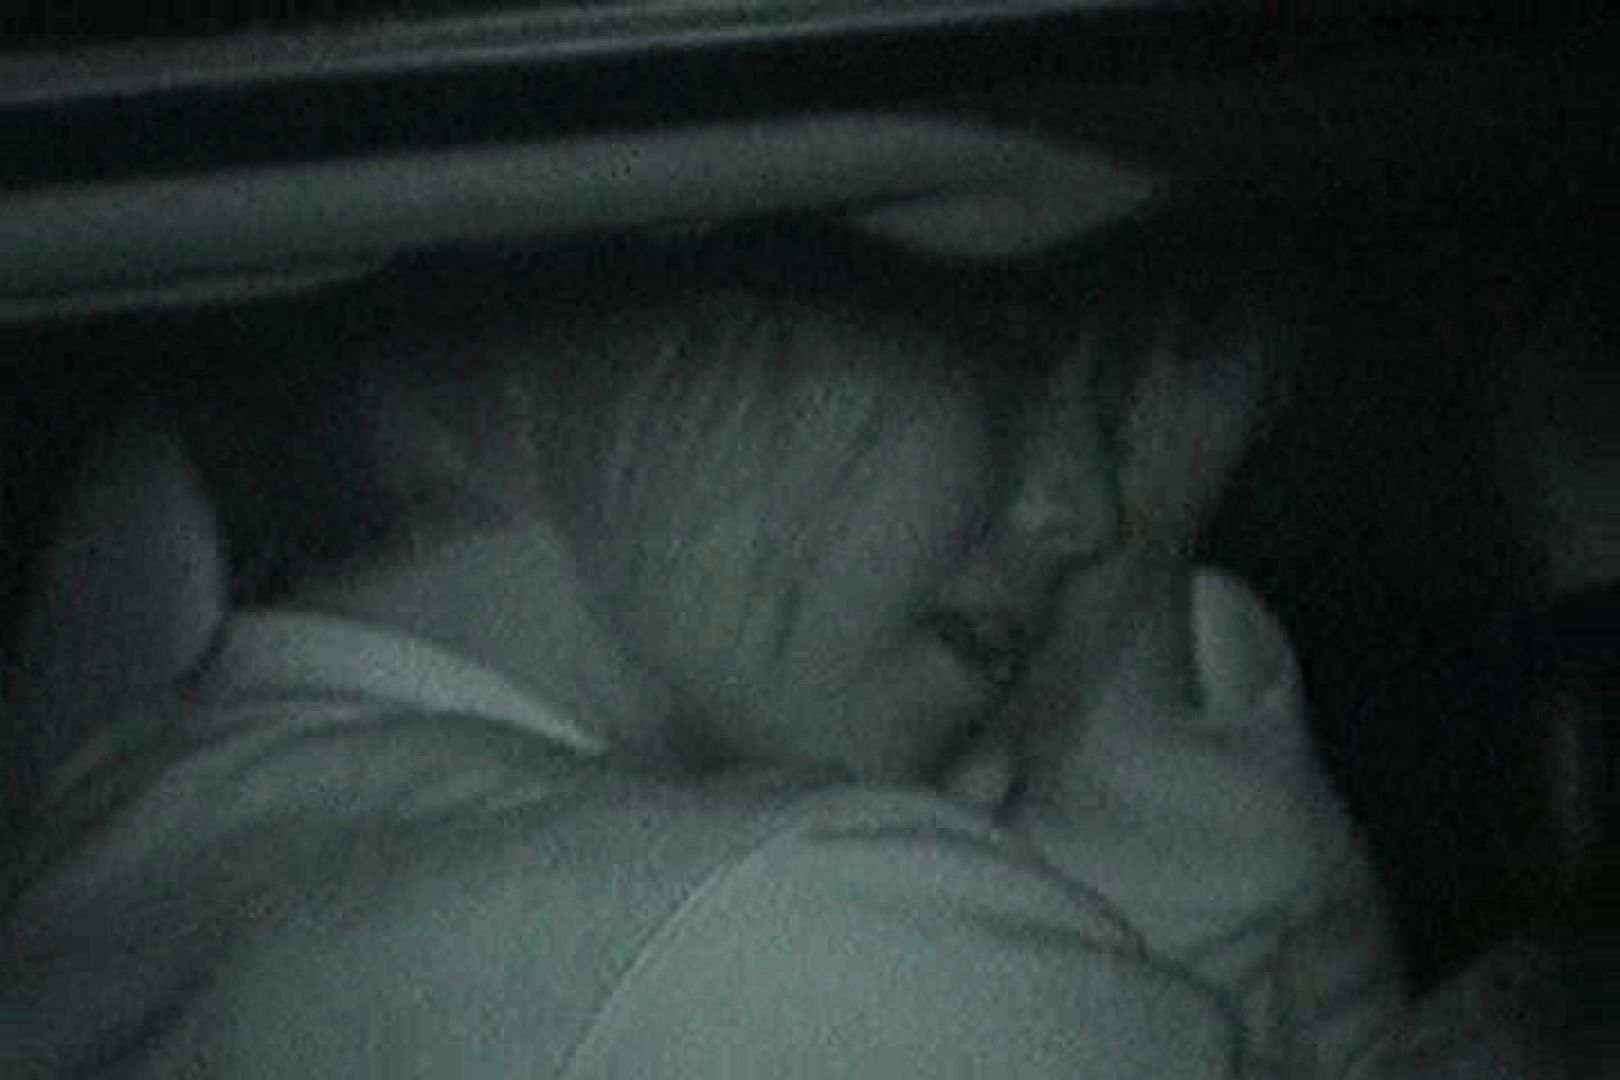 充血監督の深夜の運動会Vol.106 車の中のカップル  83画像 75